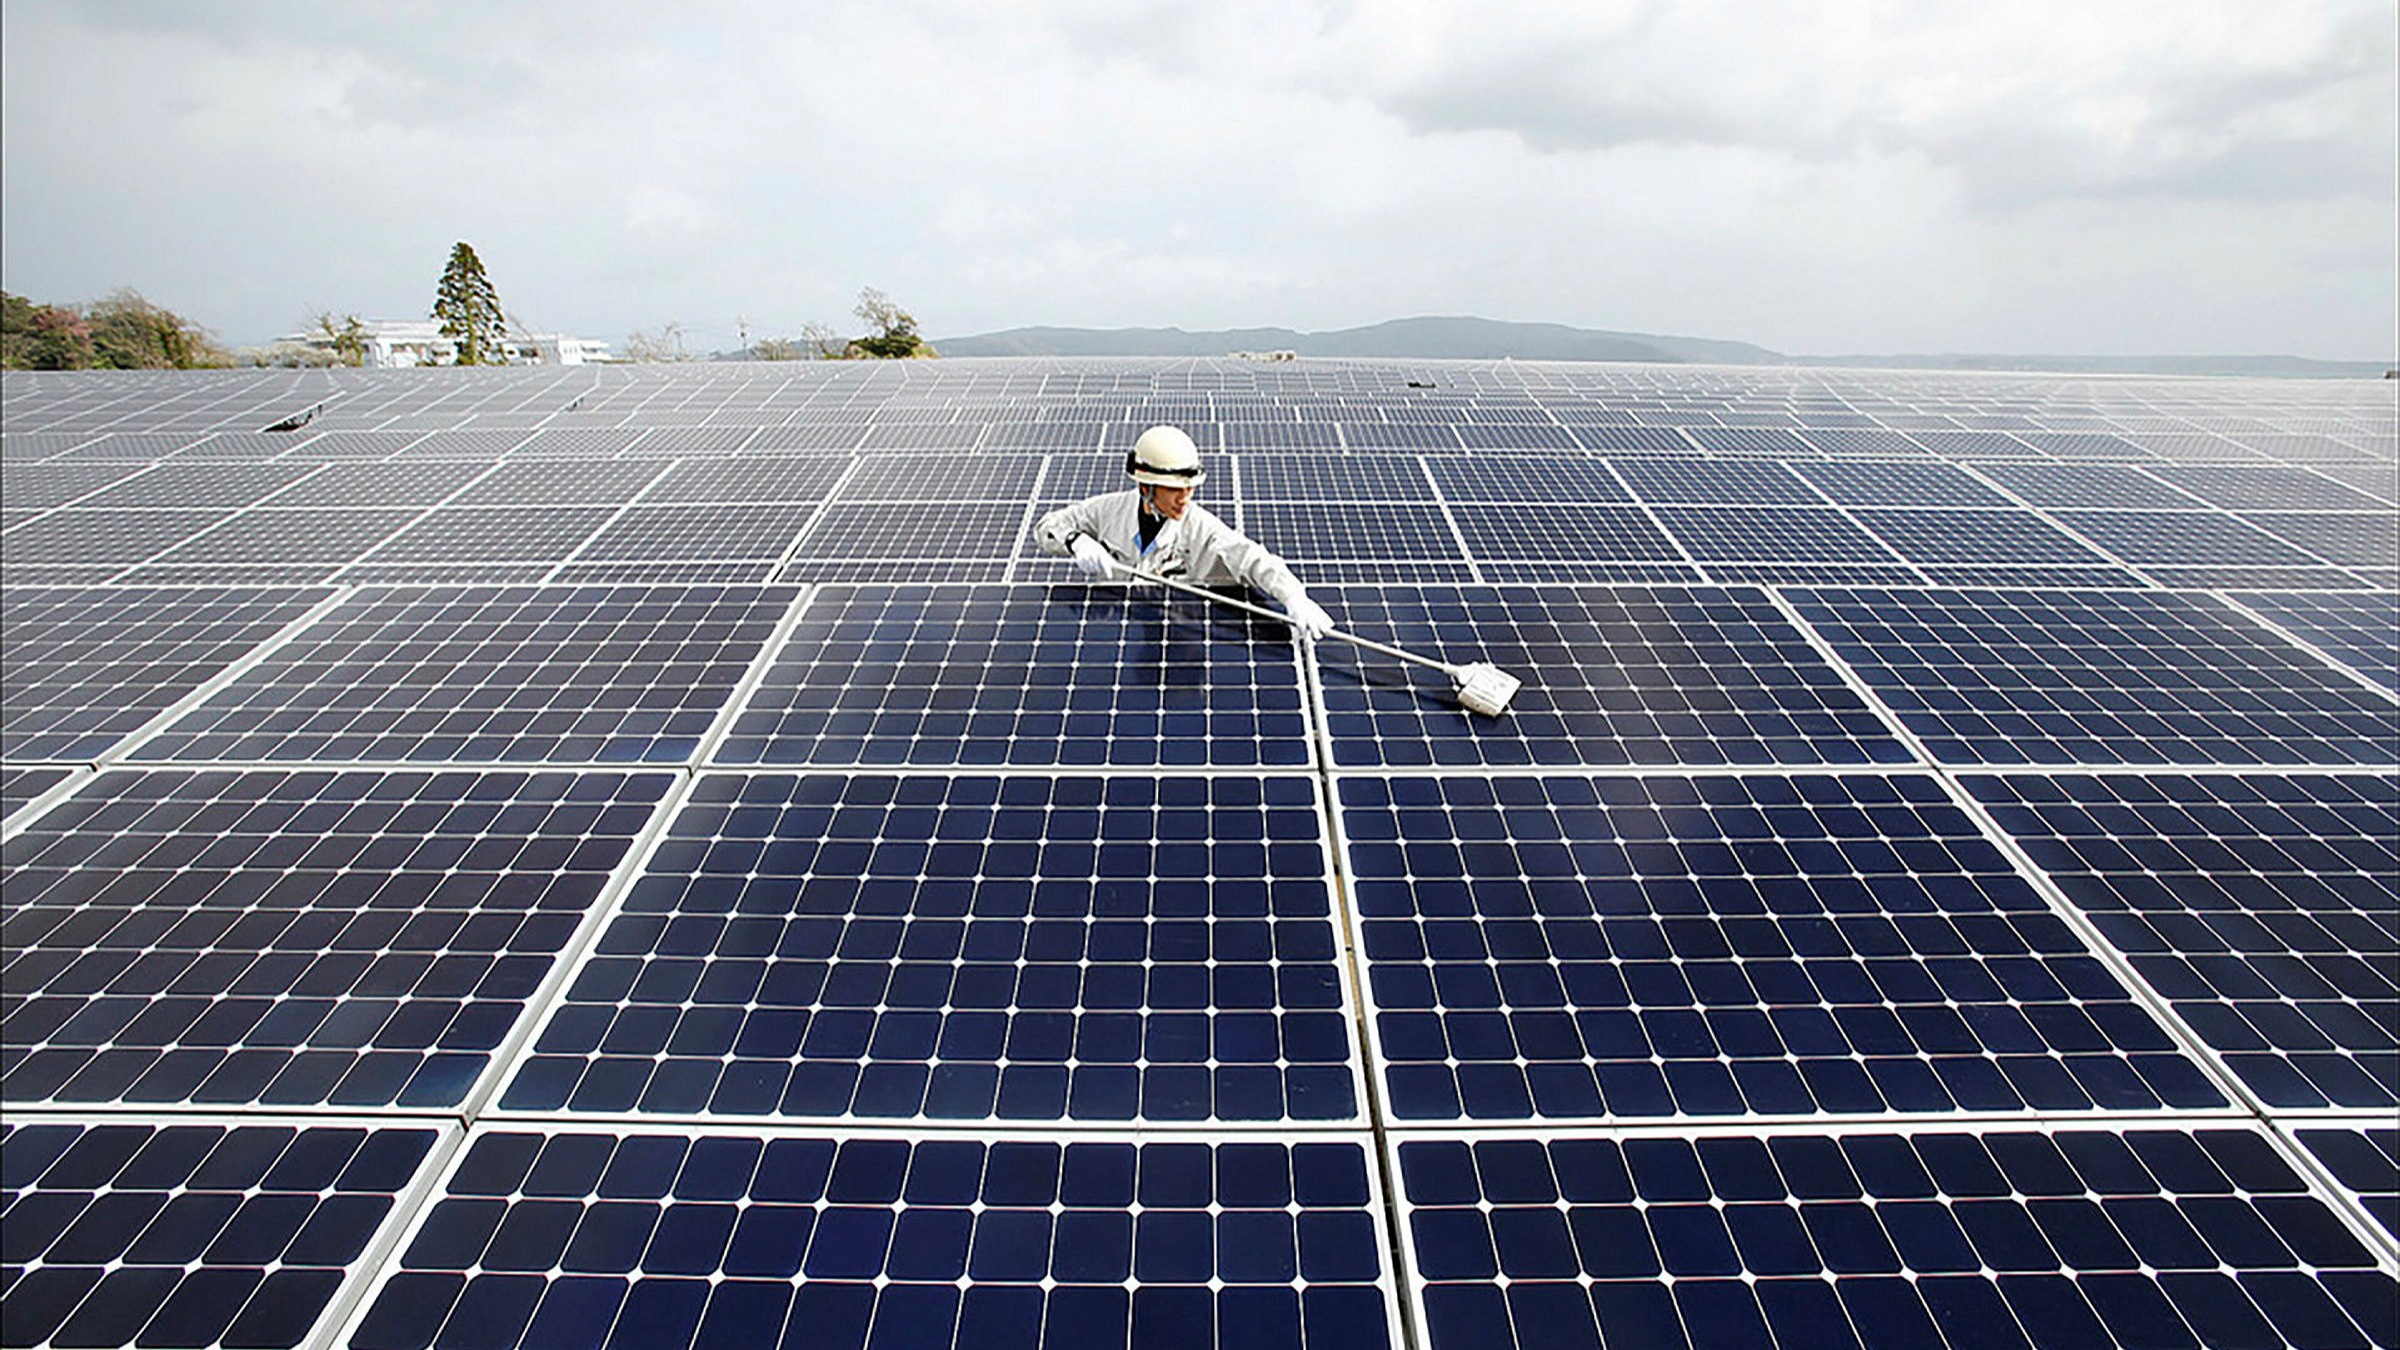 ft.com - Leo Lewis - Sun fails to shine on Japan's solar sector